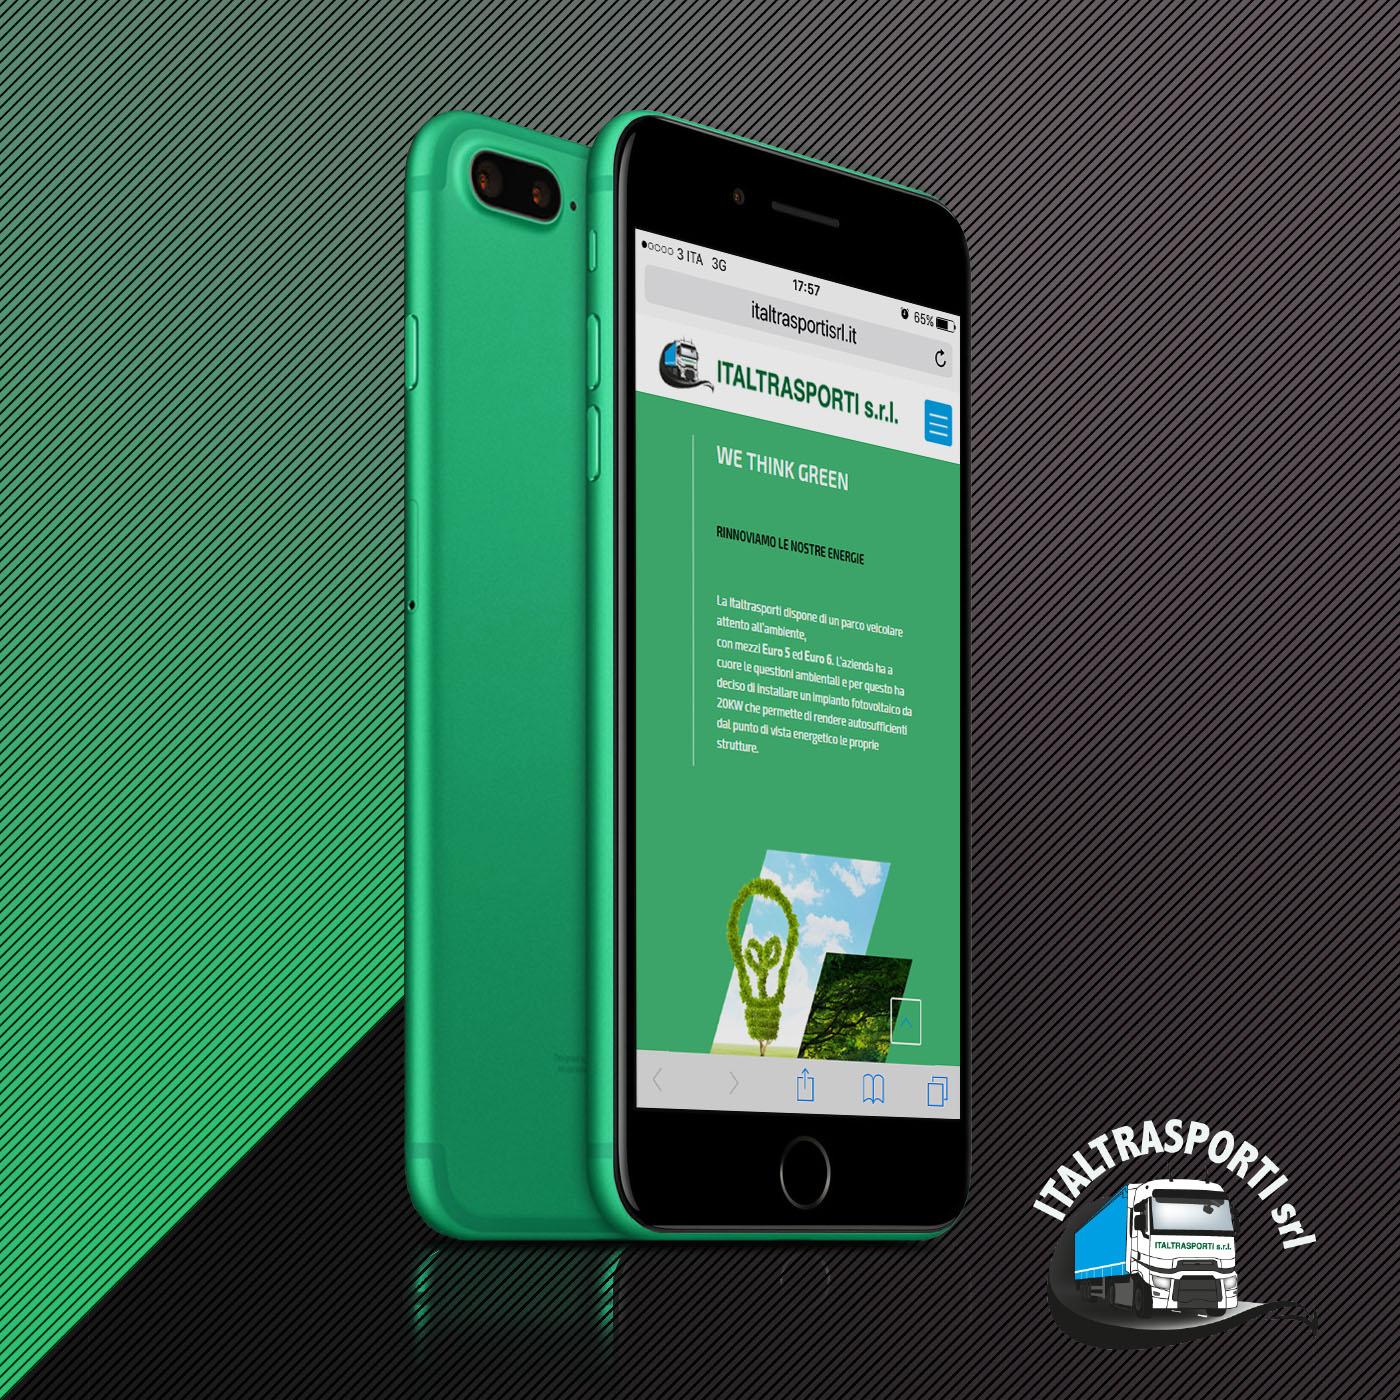 servizi Italtrasporti mobile